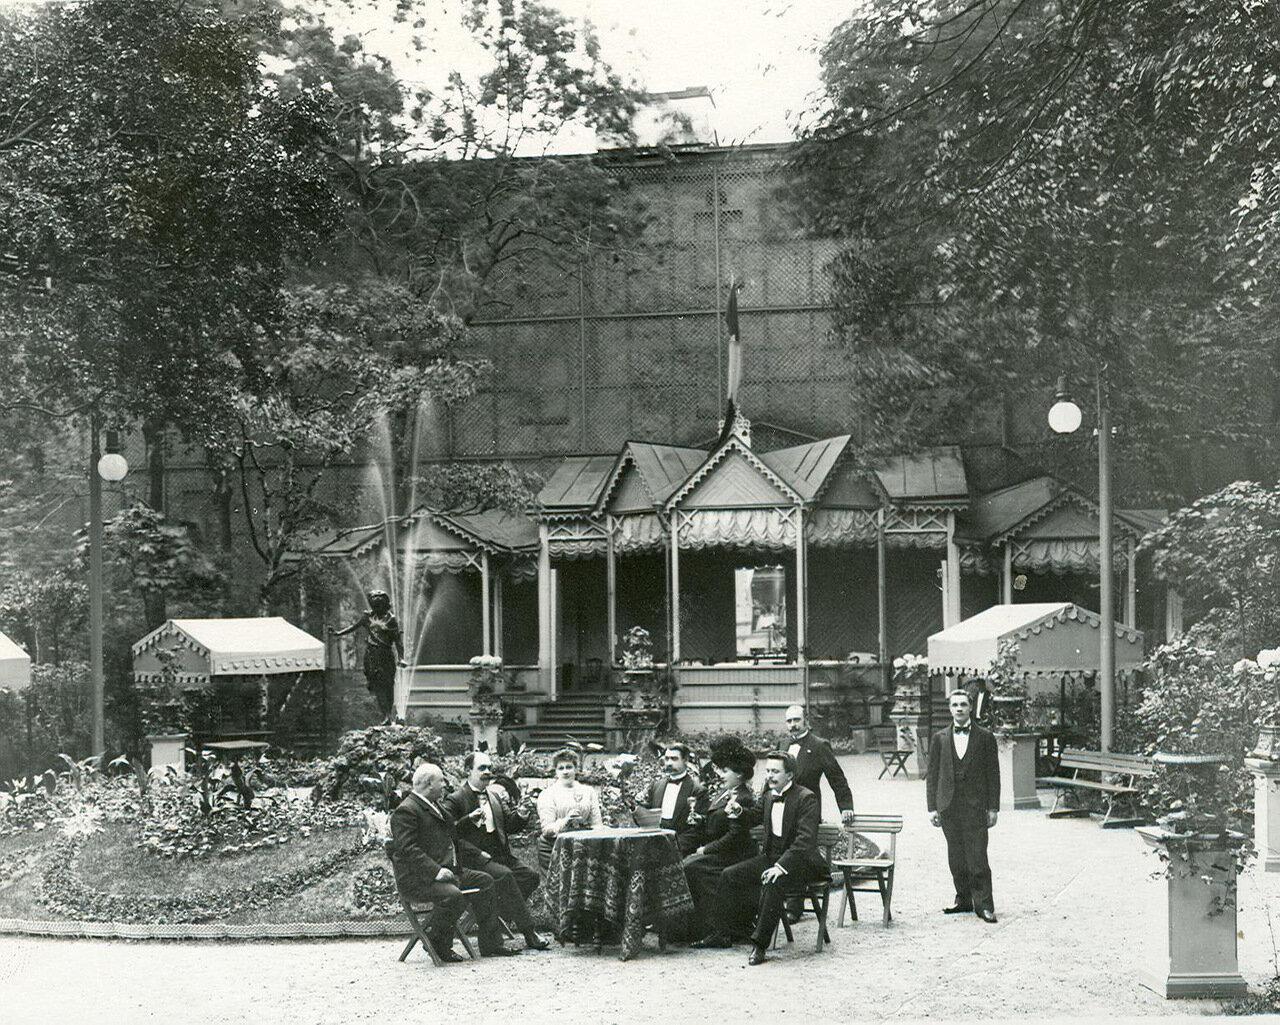 05. Группа посетителей за столом в саду ресторана  «Контан» (крайний слева сидит владелец ресторана Альмир Жуэн)